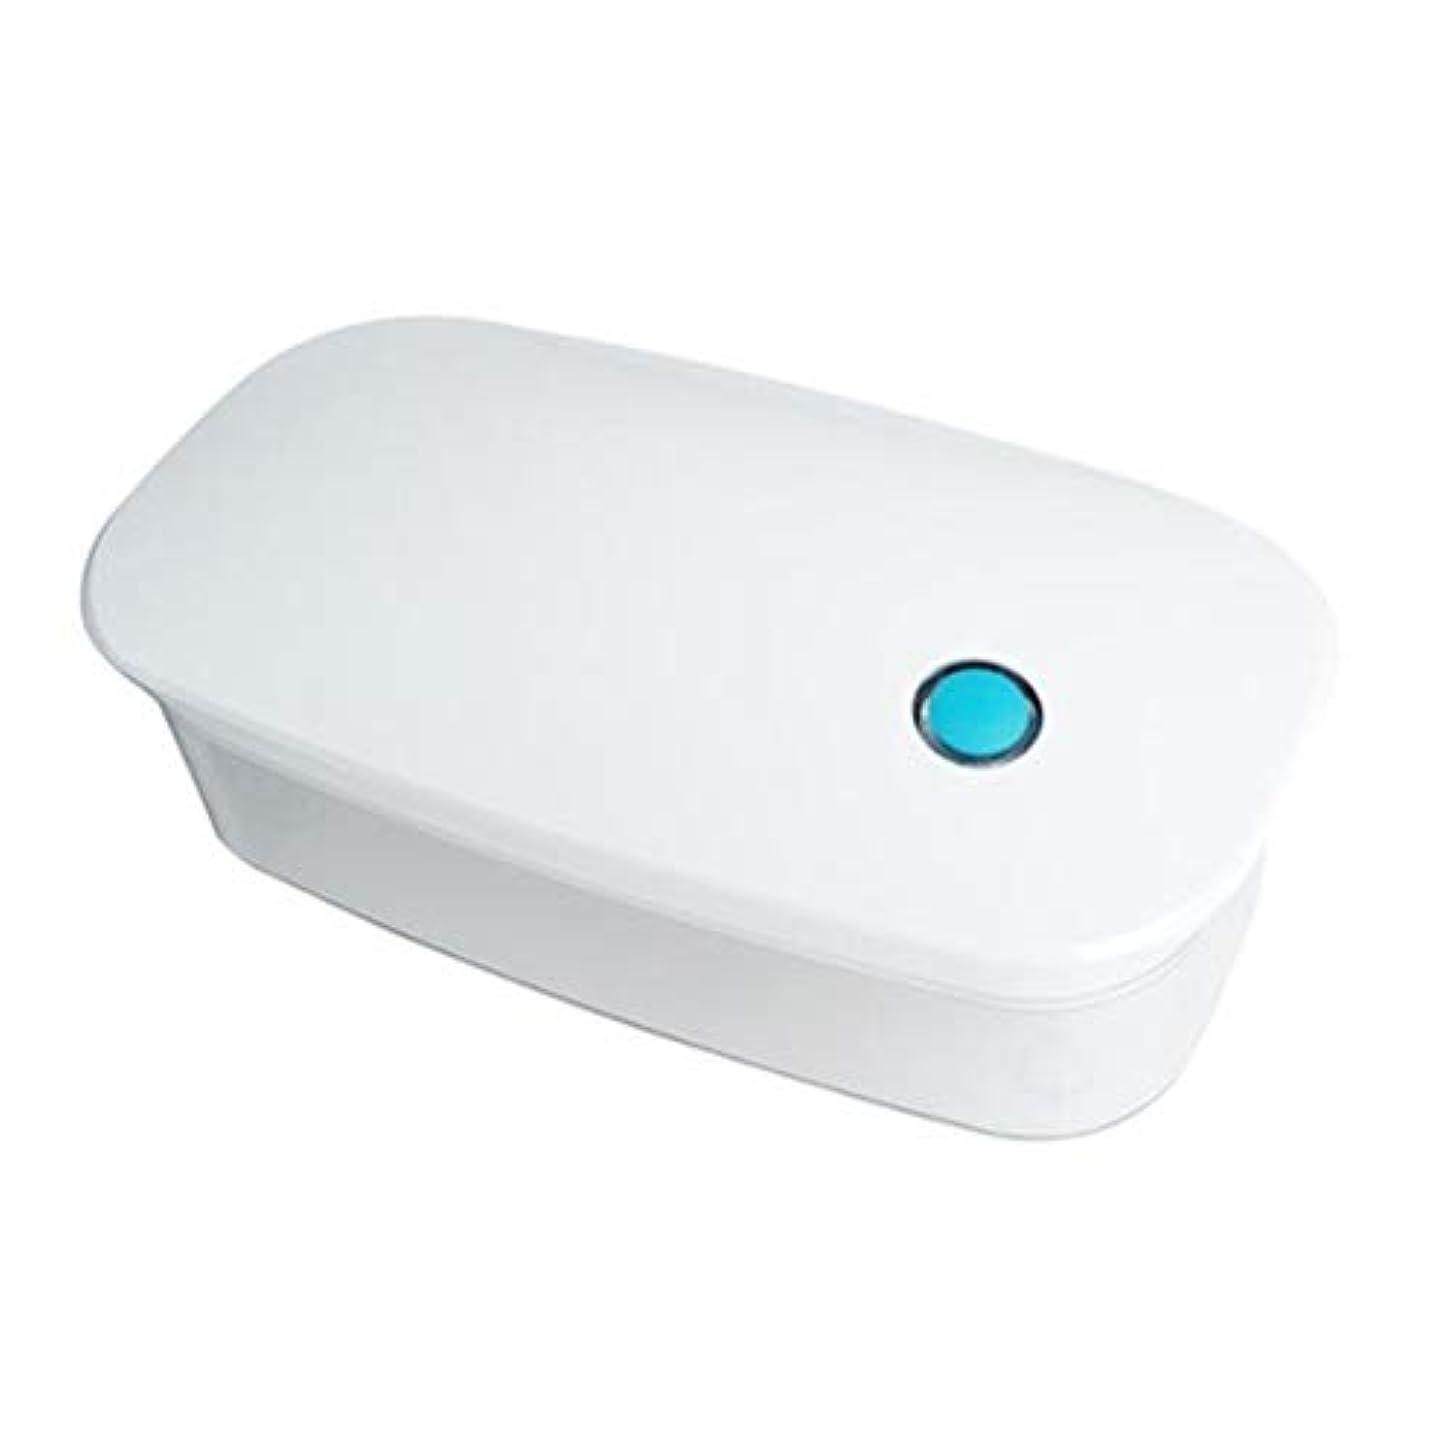 からかう寄生虫リビジョンHeallily コンタクトレンズ滅菌ケースコンタクトレンズクリーニング用ポータブルUV電気消毒ケースホルダー(ホワイト)